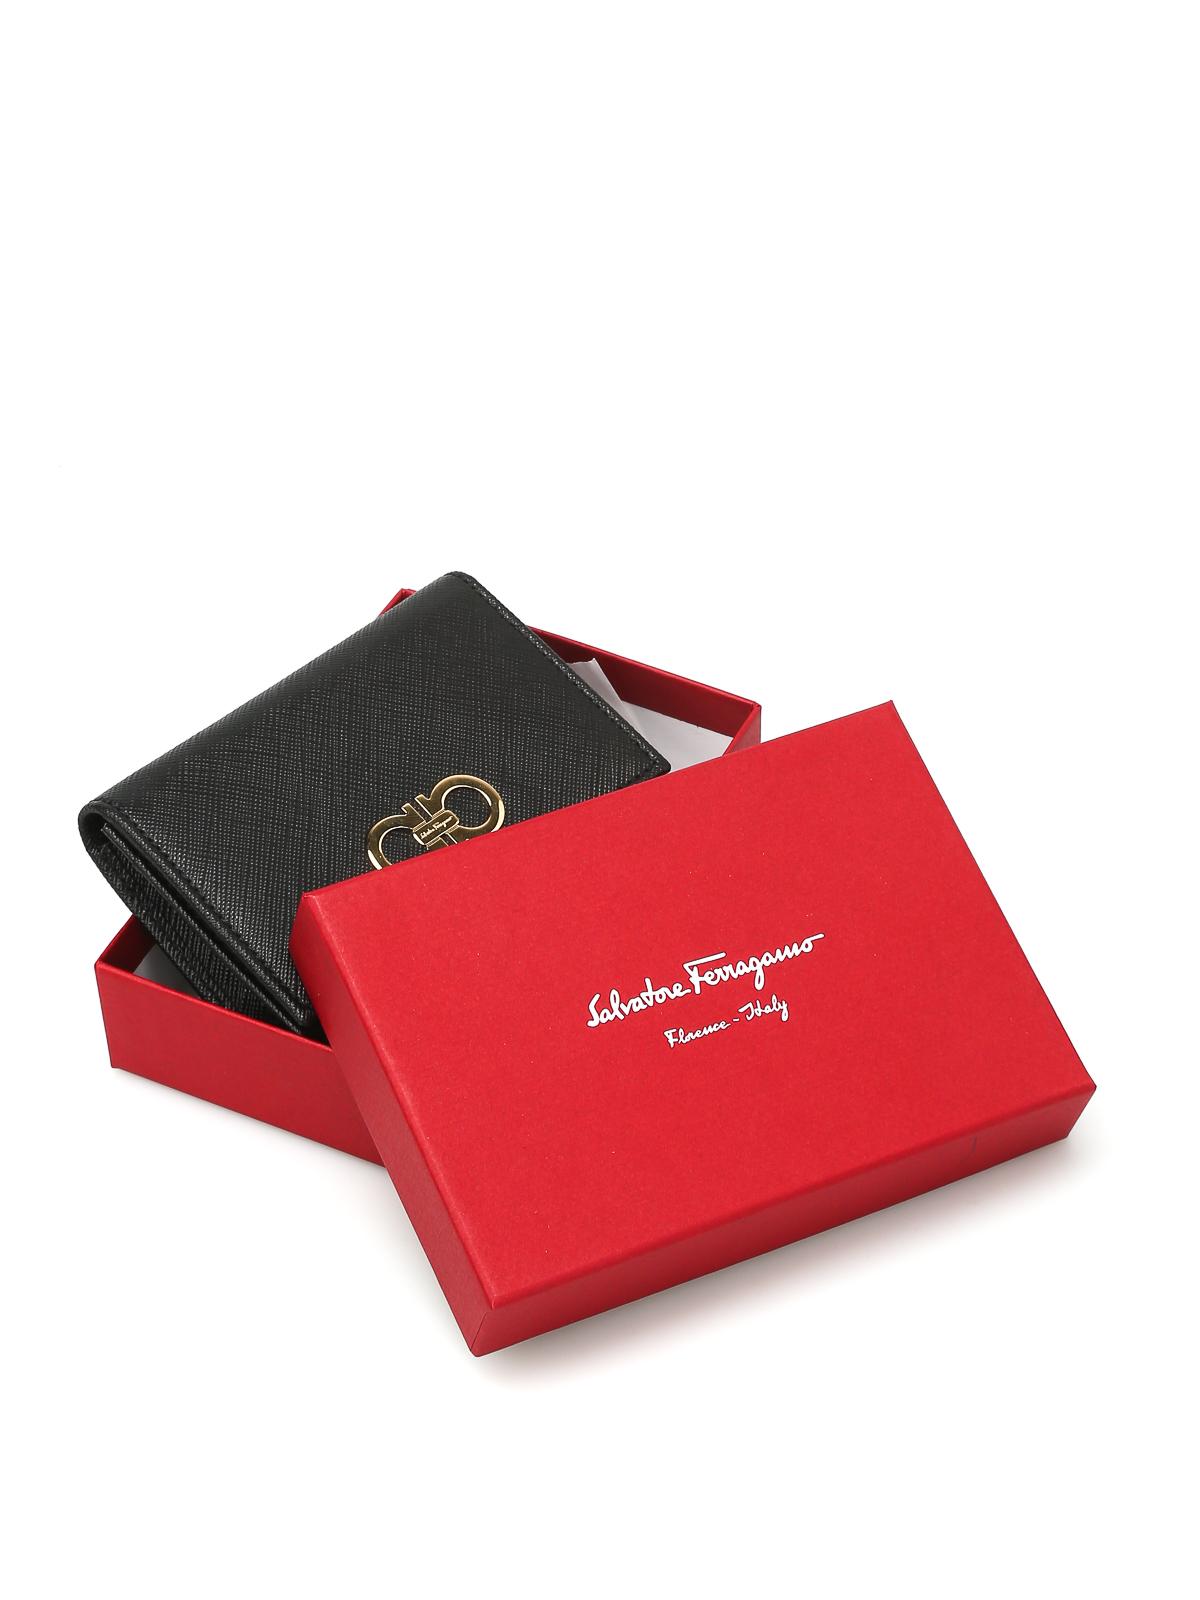 5a802a49d1 Salvatore Ferragamo - Saffiano leather coin purse - wallets   purses ...